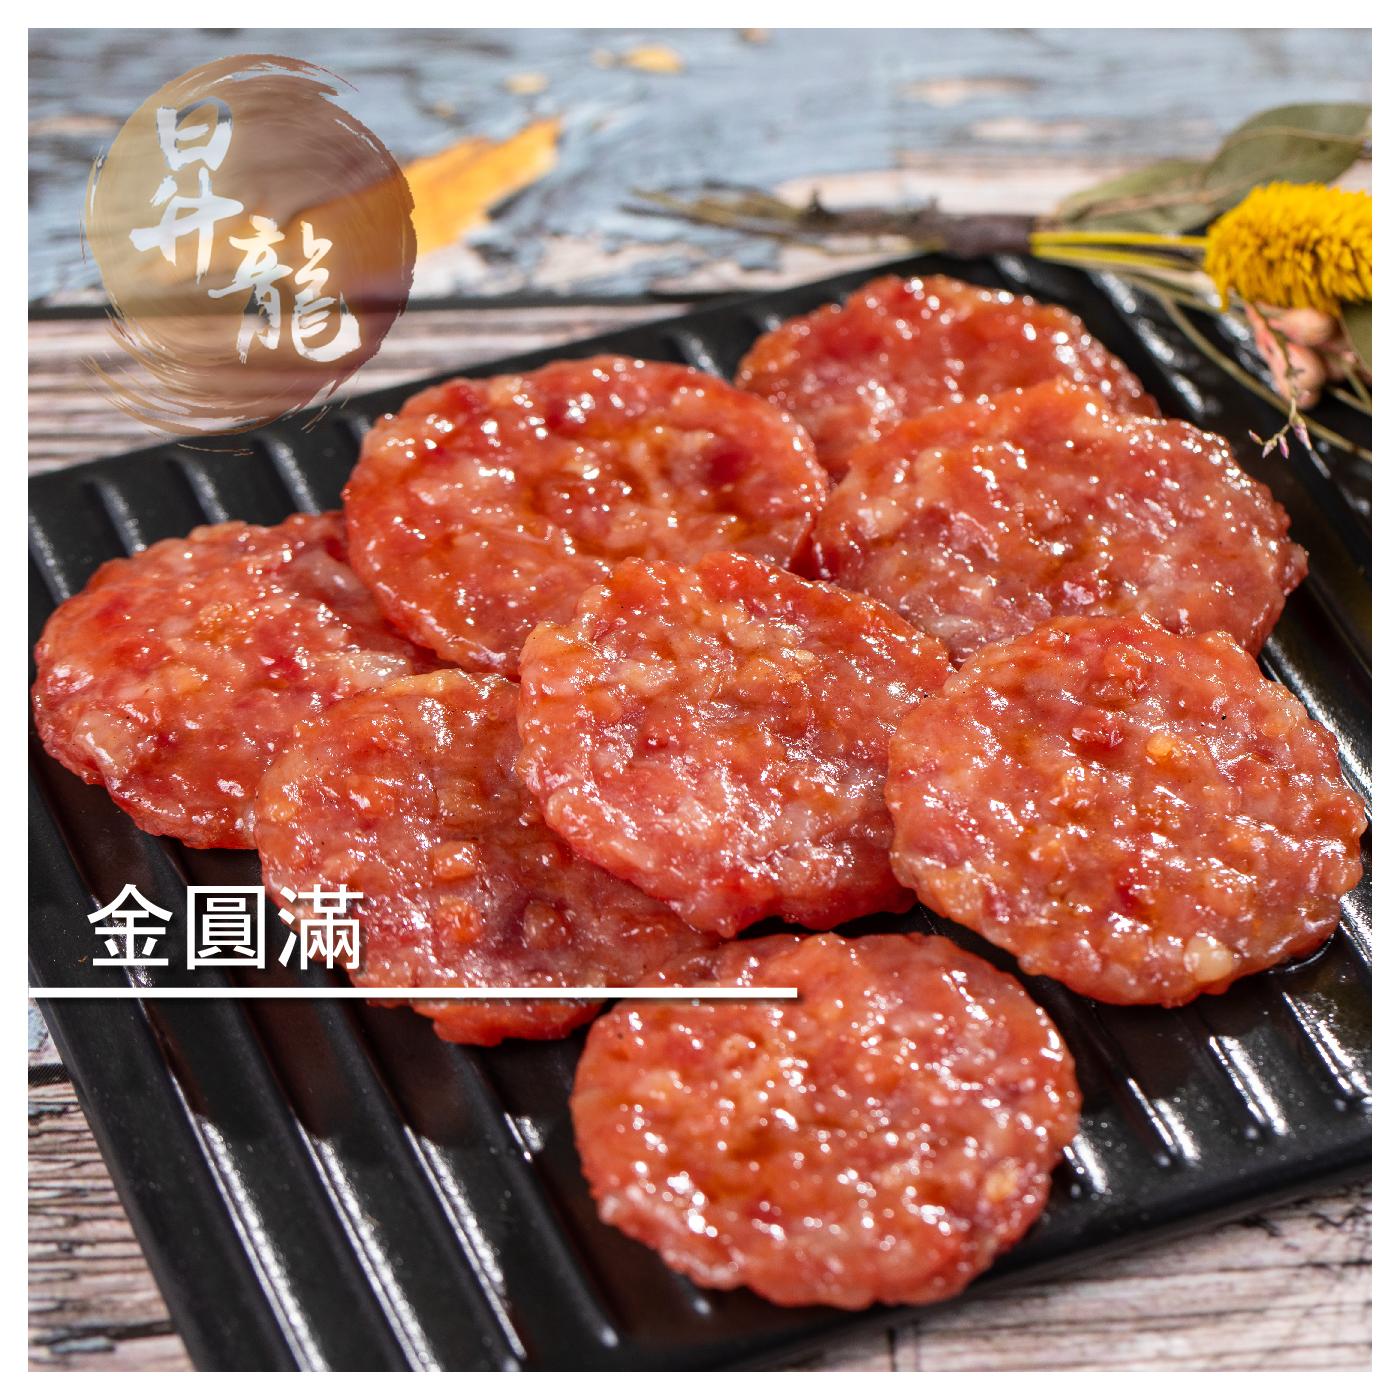 【昇龍肉乾】金圓滿肉乾 炙燒+蜜汁+煙燻•金錢豬肉乾•金幣肉乾•圓燒•岩燒•月見•火烤